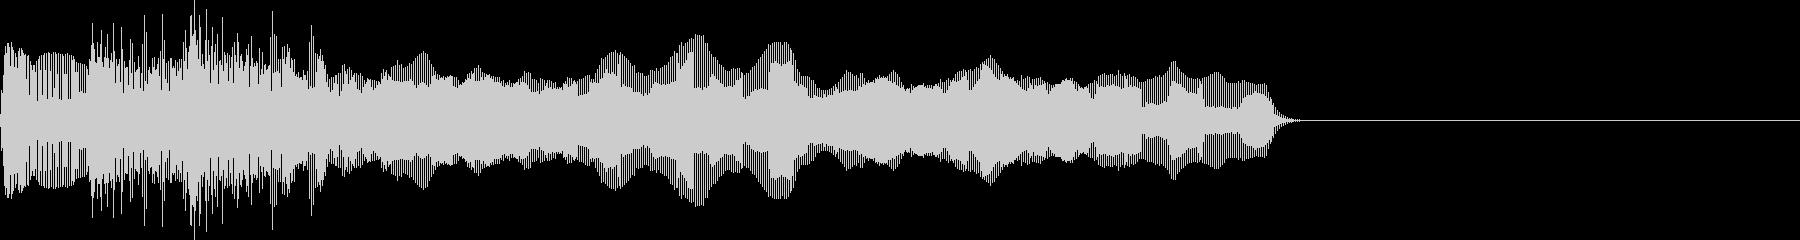 お馴染みのインパクト音!レゲエホーン3回の未再生の波形